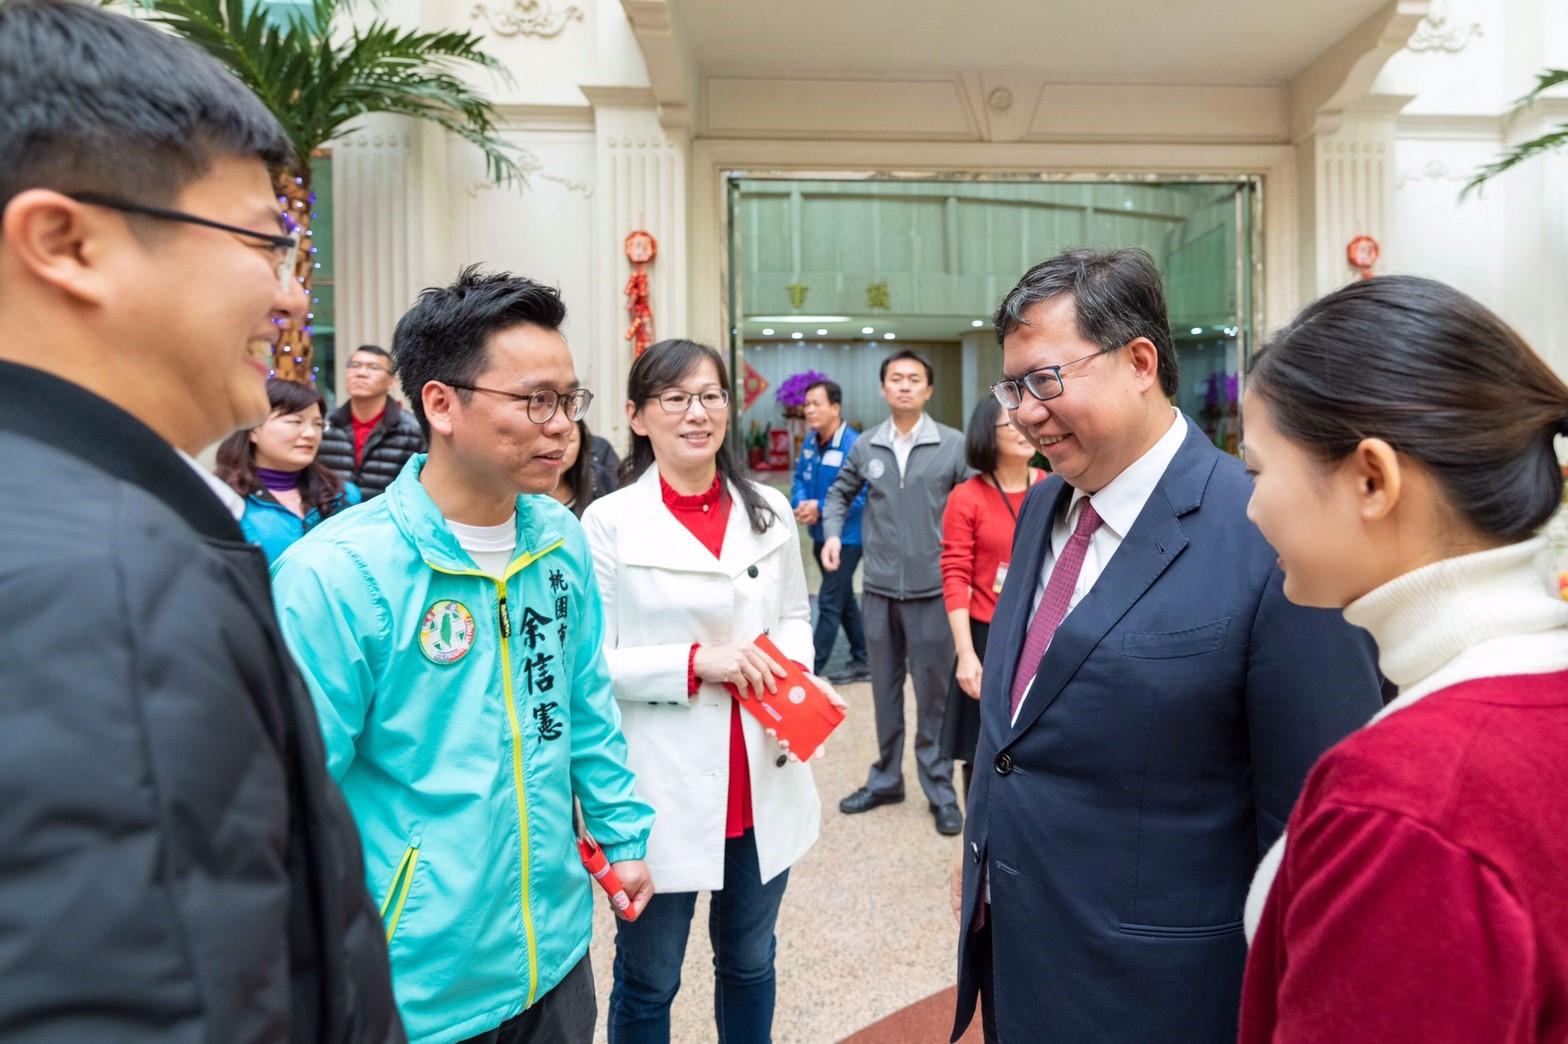 市長與議員互道新年恭喜